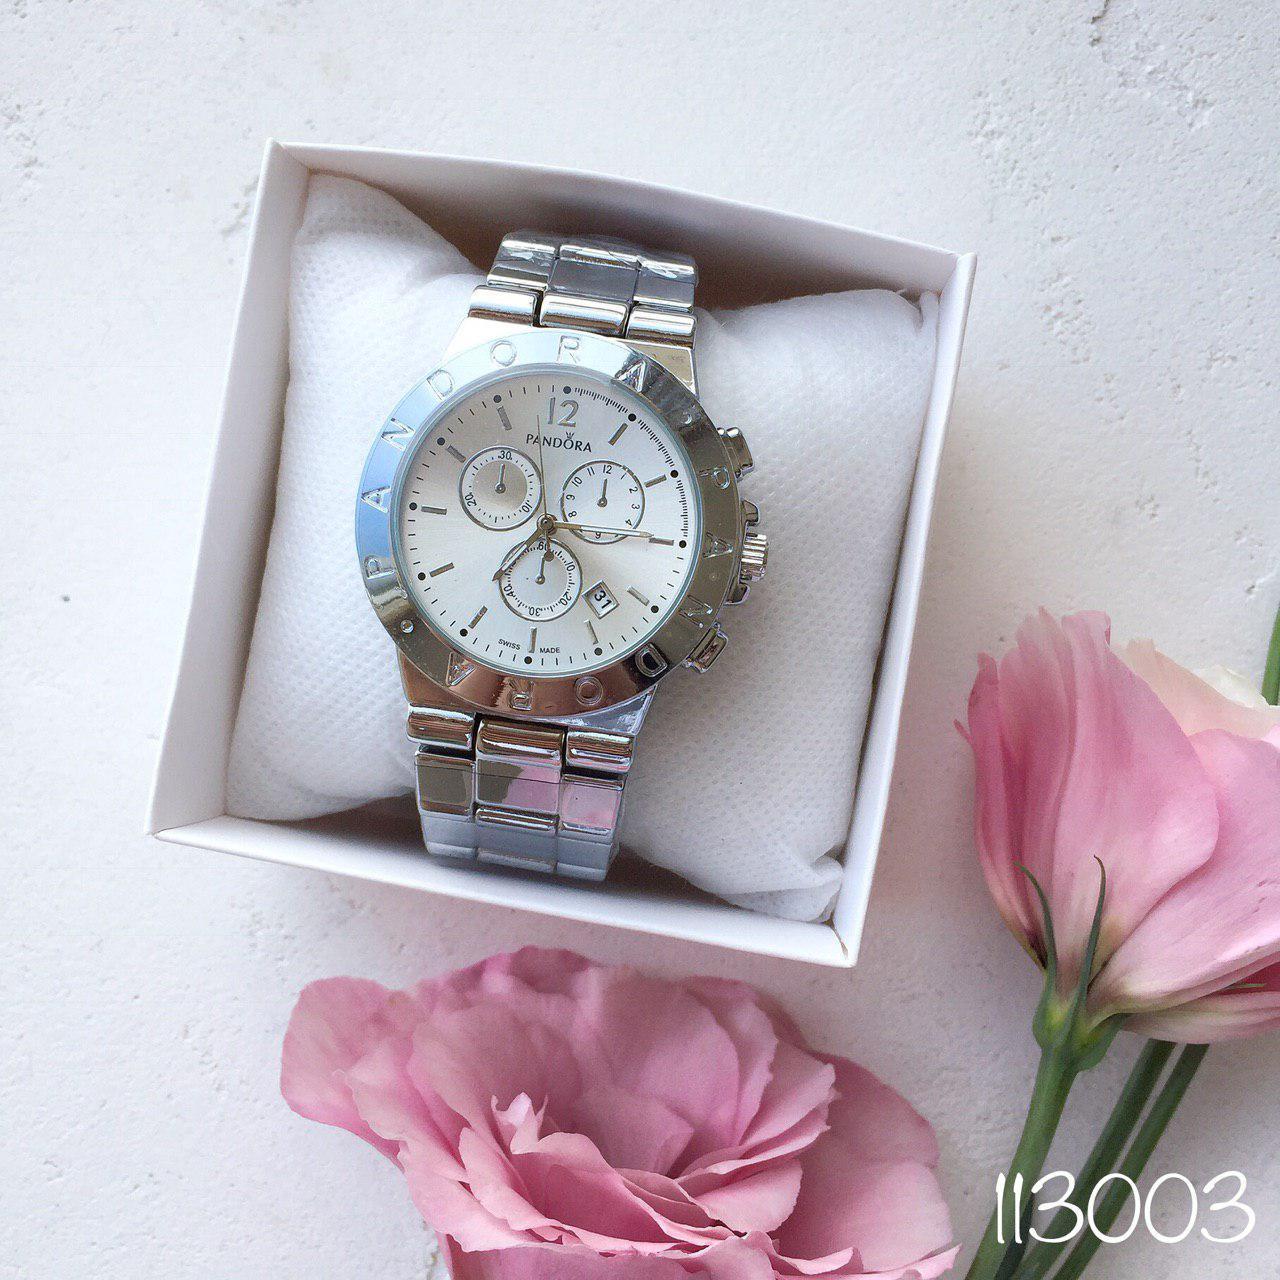 Женские наручные часы в стиле Pandora серебро. Наручные кварцевые часы из нержавеющей стали. Годинник жіночій